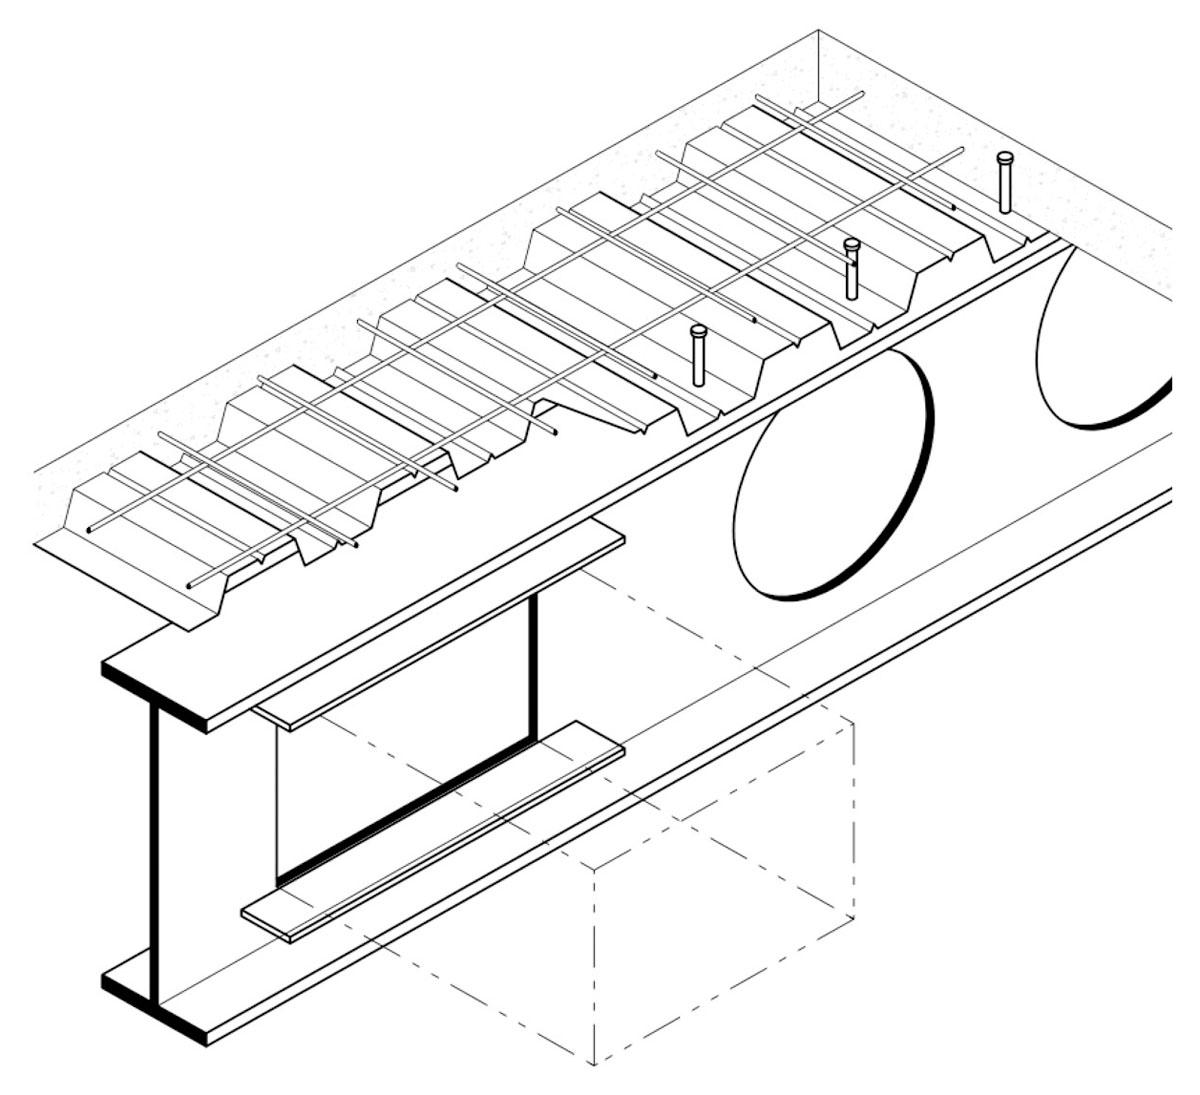 web openings in steel beams